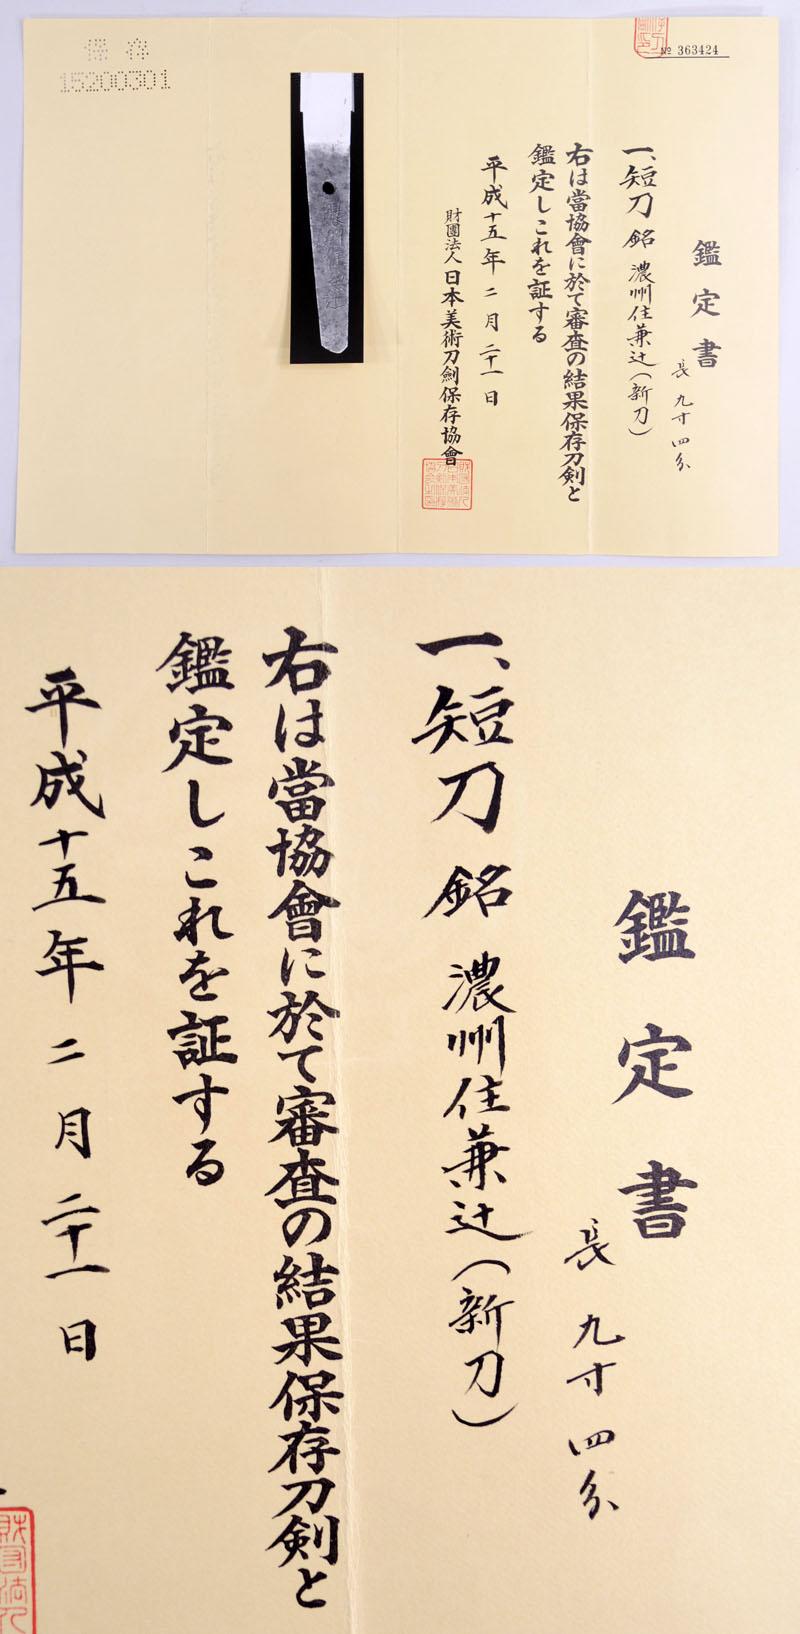 濃州住兼辻 Picture of Certificate